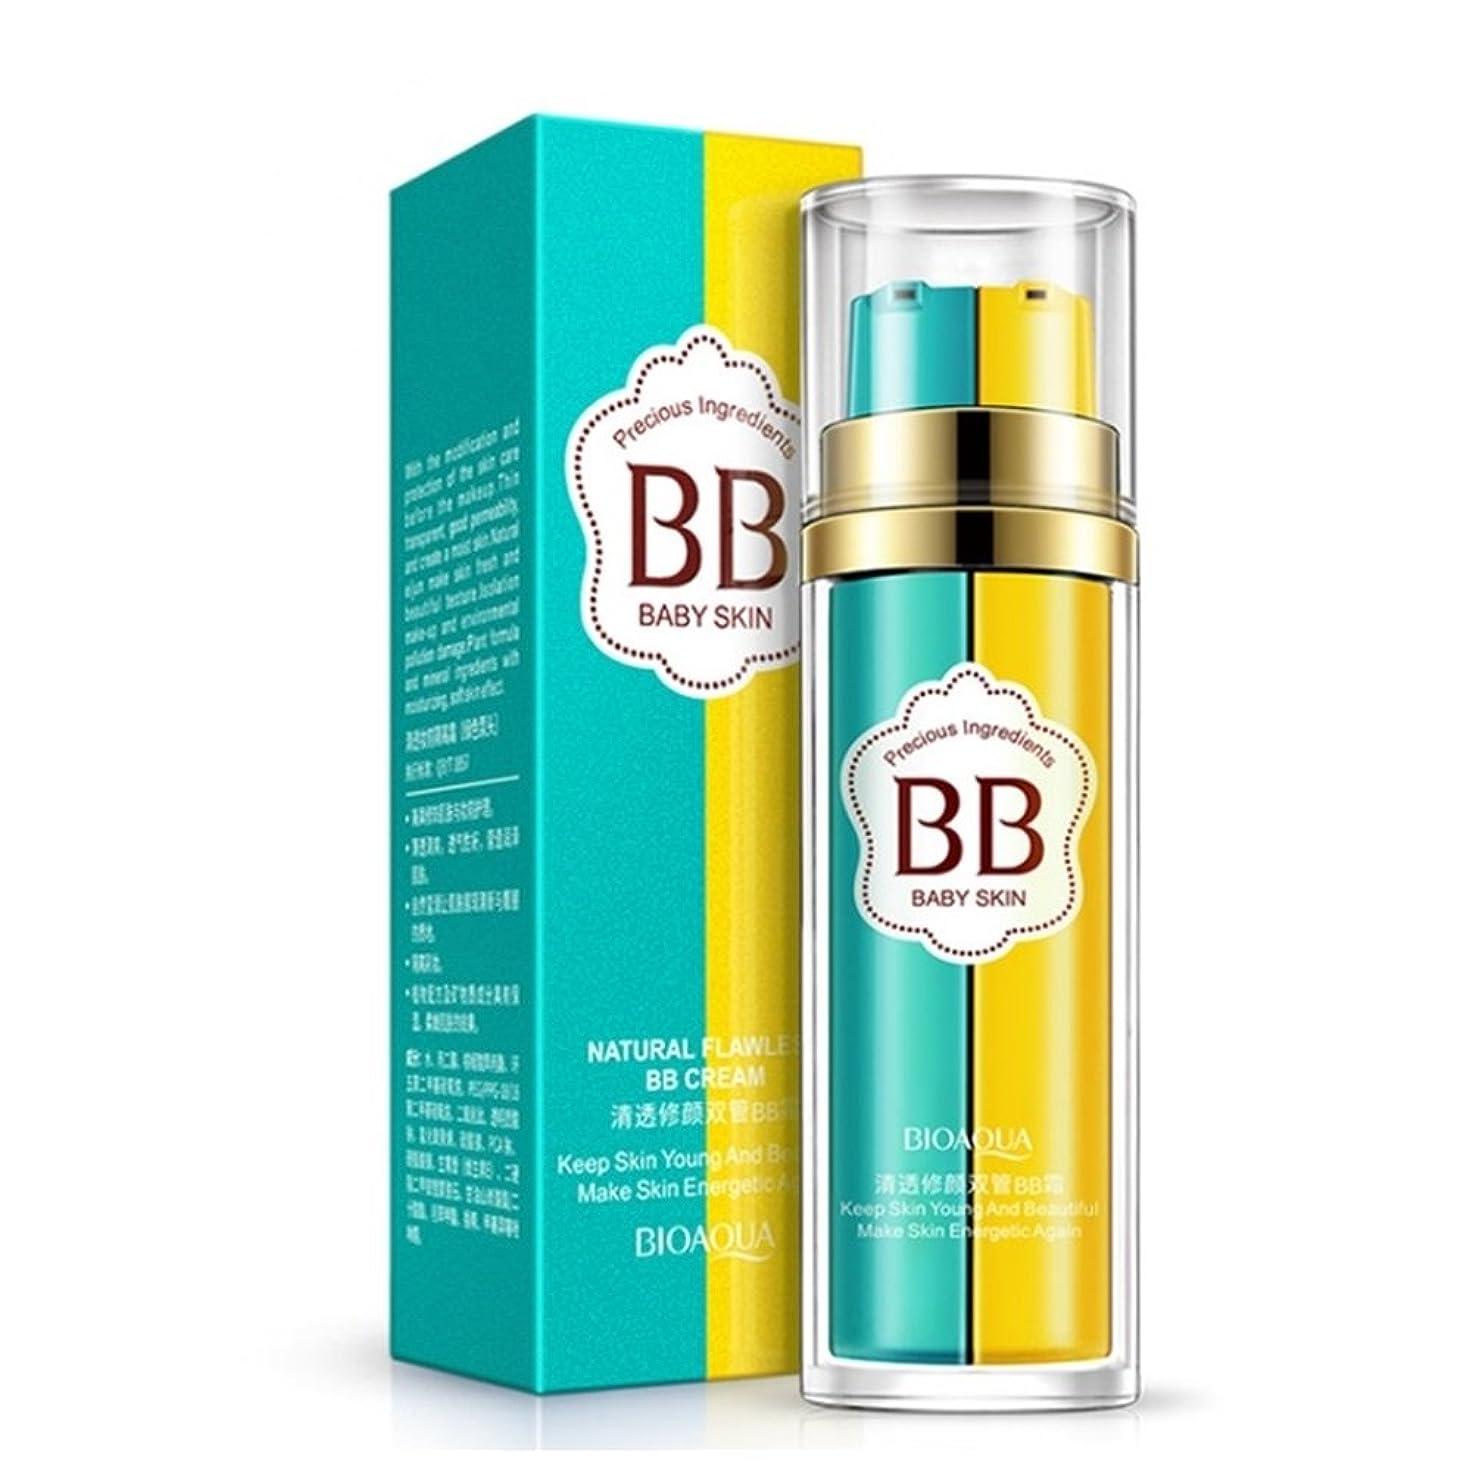 地中海協力作るFace Double BB Cream Concealer Moisturizing Nourish Brighten BB Cream Natural Nude Makeup Long-Lasting Not Easy To Flower Makeup. (3.Light Skin)